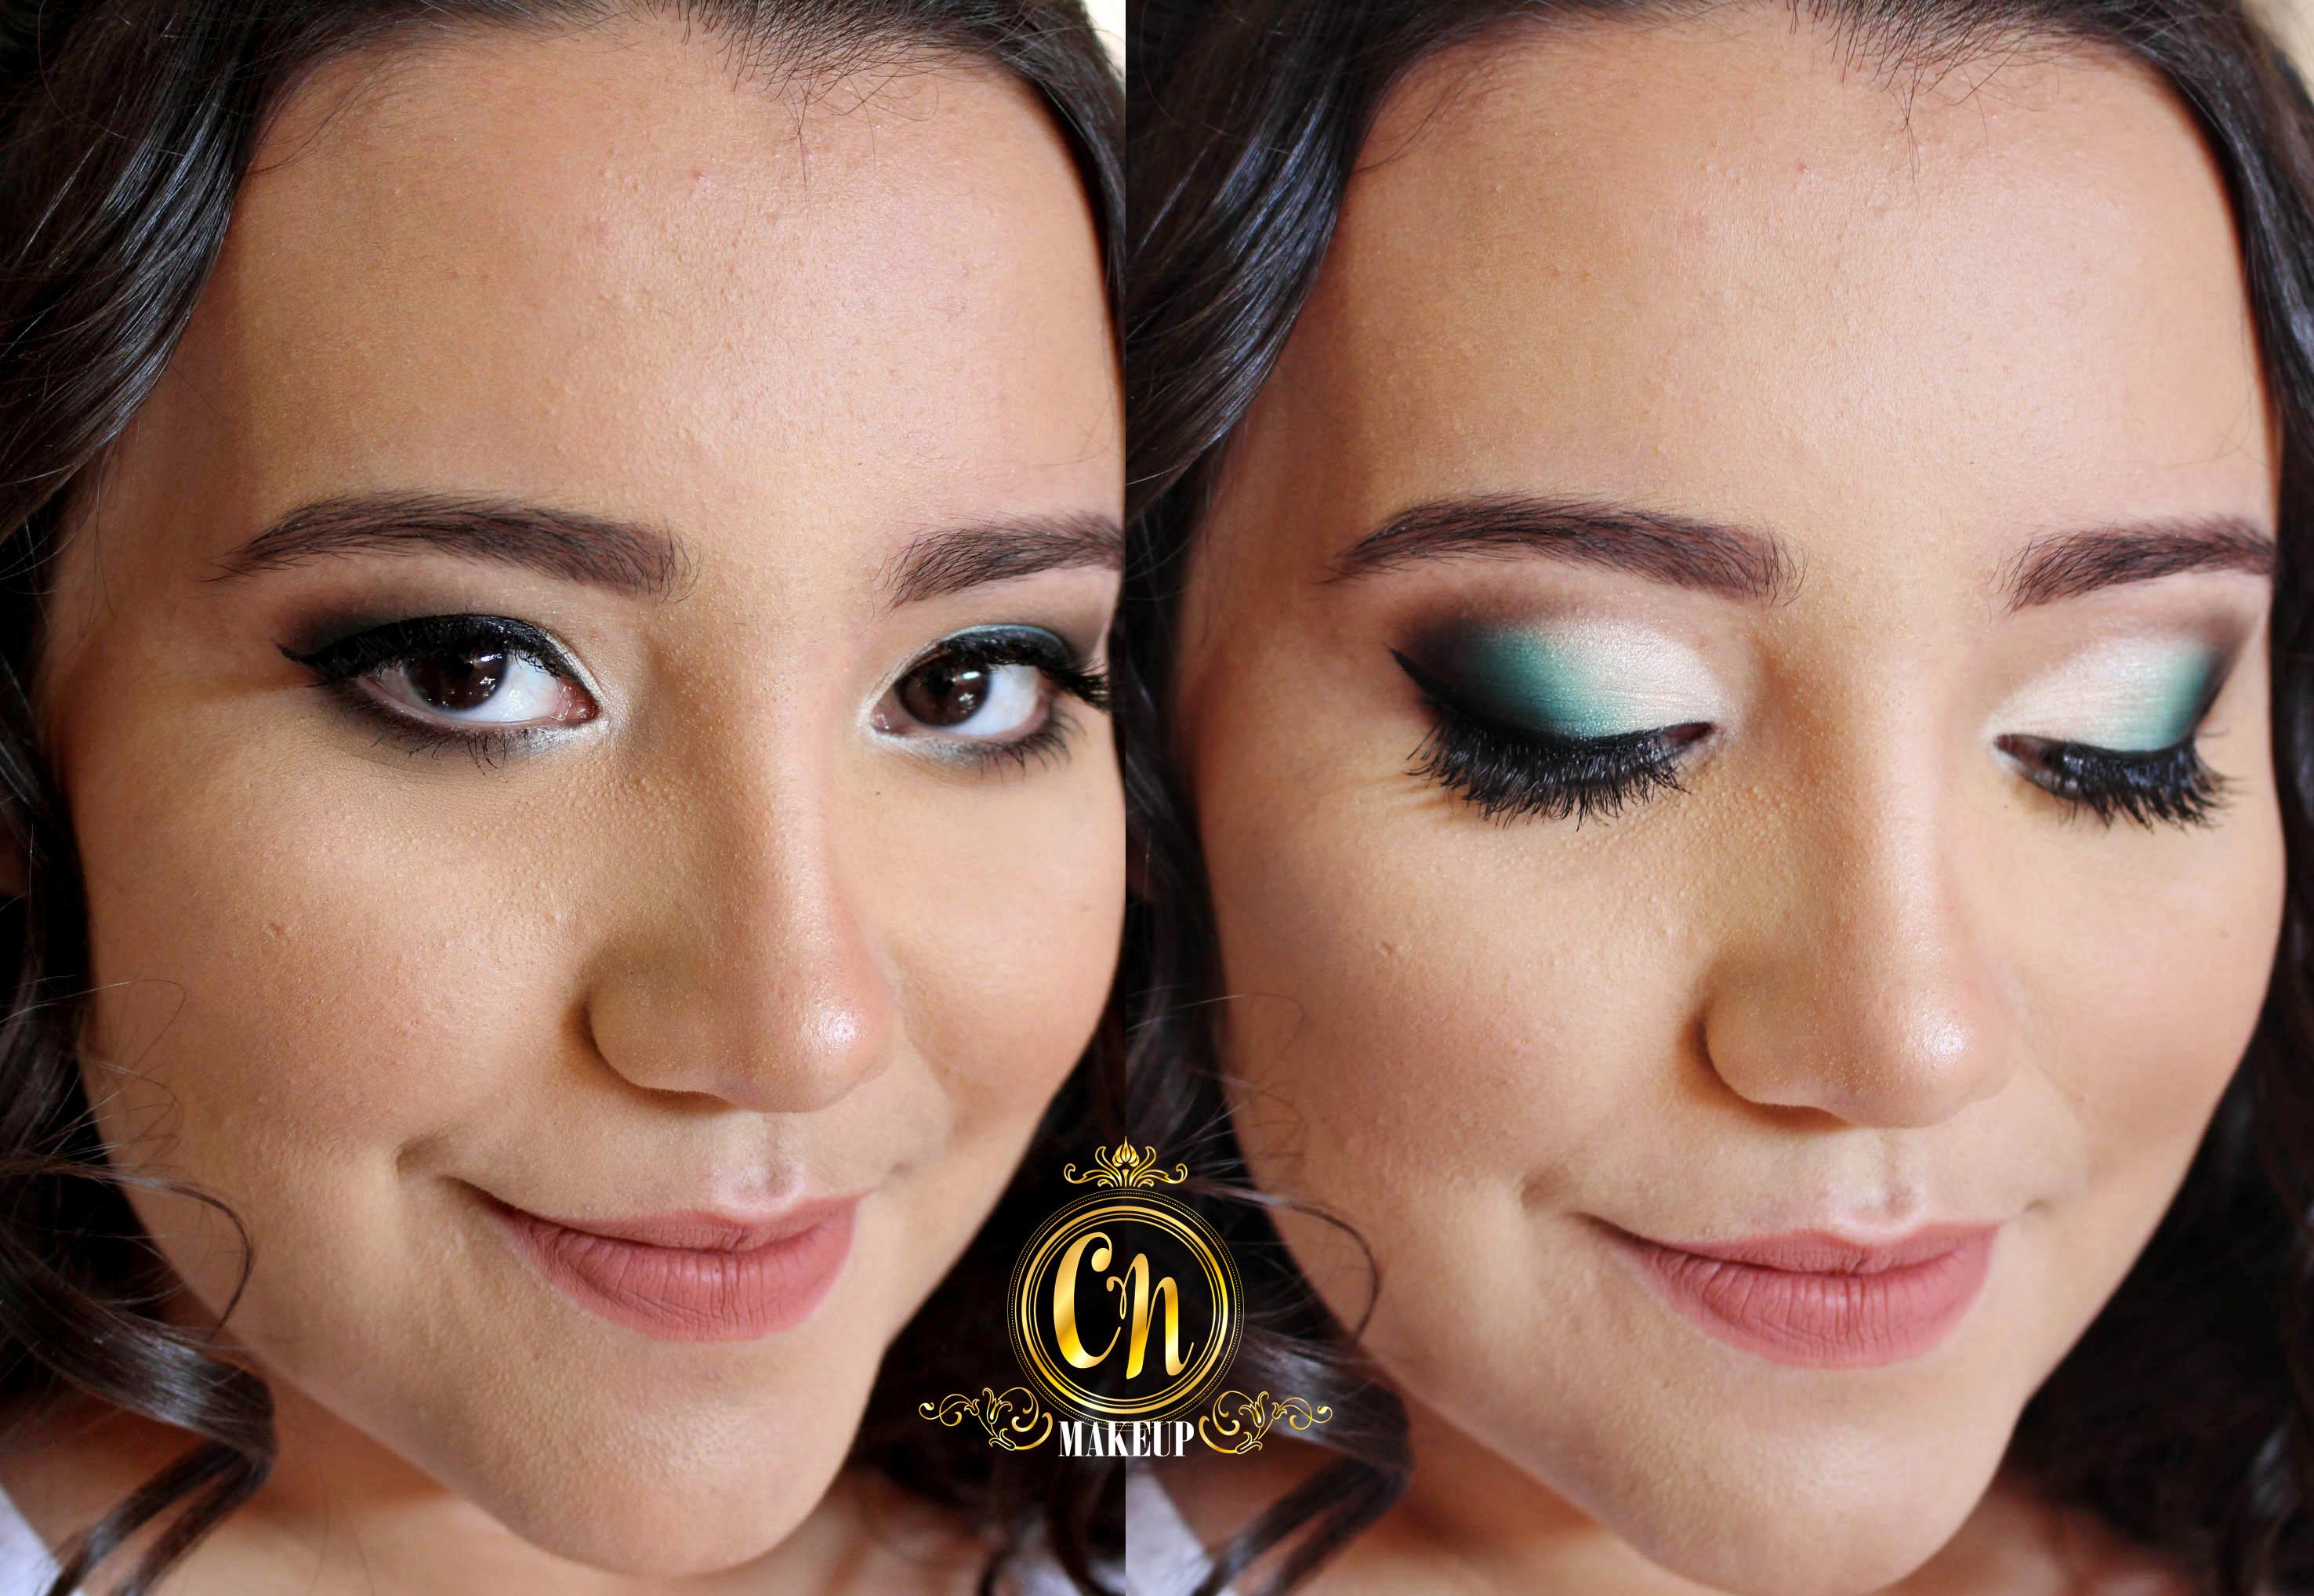 Maquiagem em tom verde para convidada de casamento! #ubatuba #camilanogueira #maquiadora #convidada #casamento maquiagem maquiador(a)